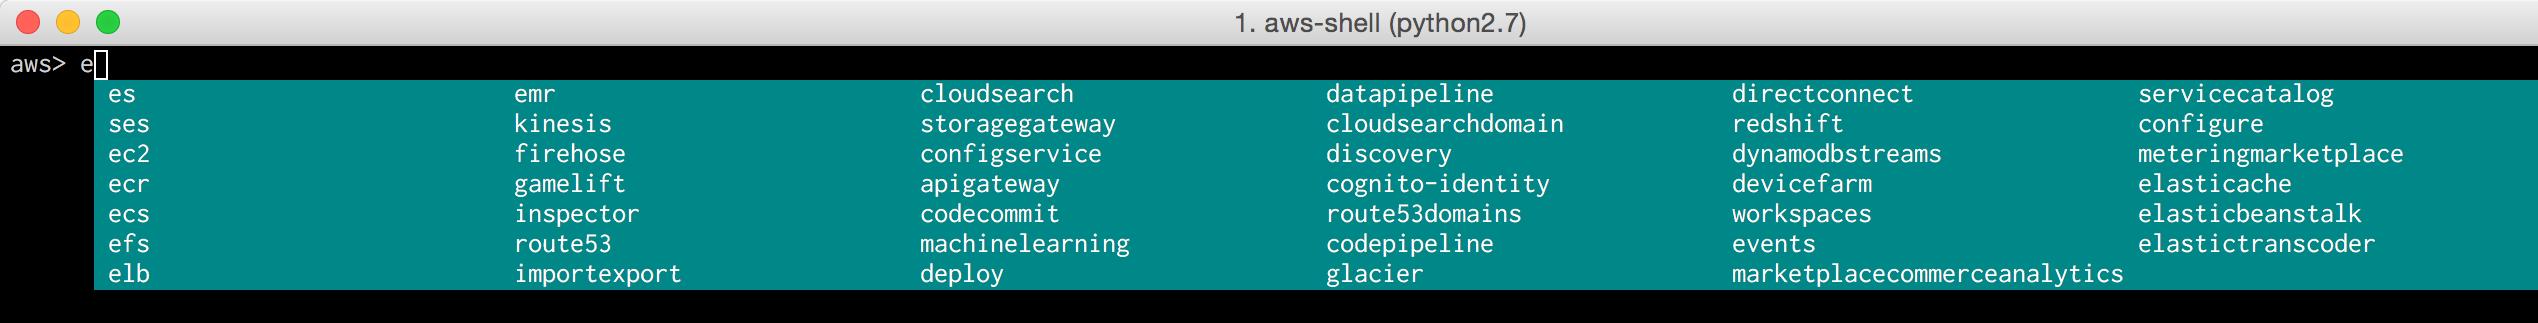 1__aws-shell__python2_7_ 8